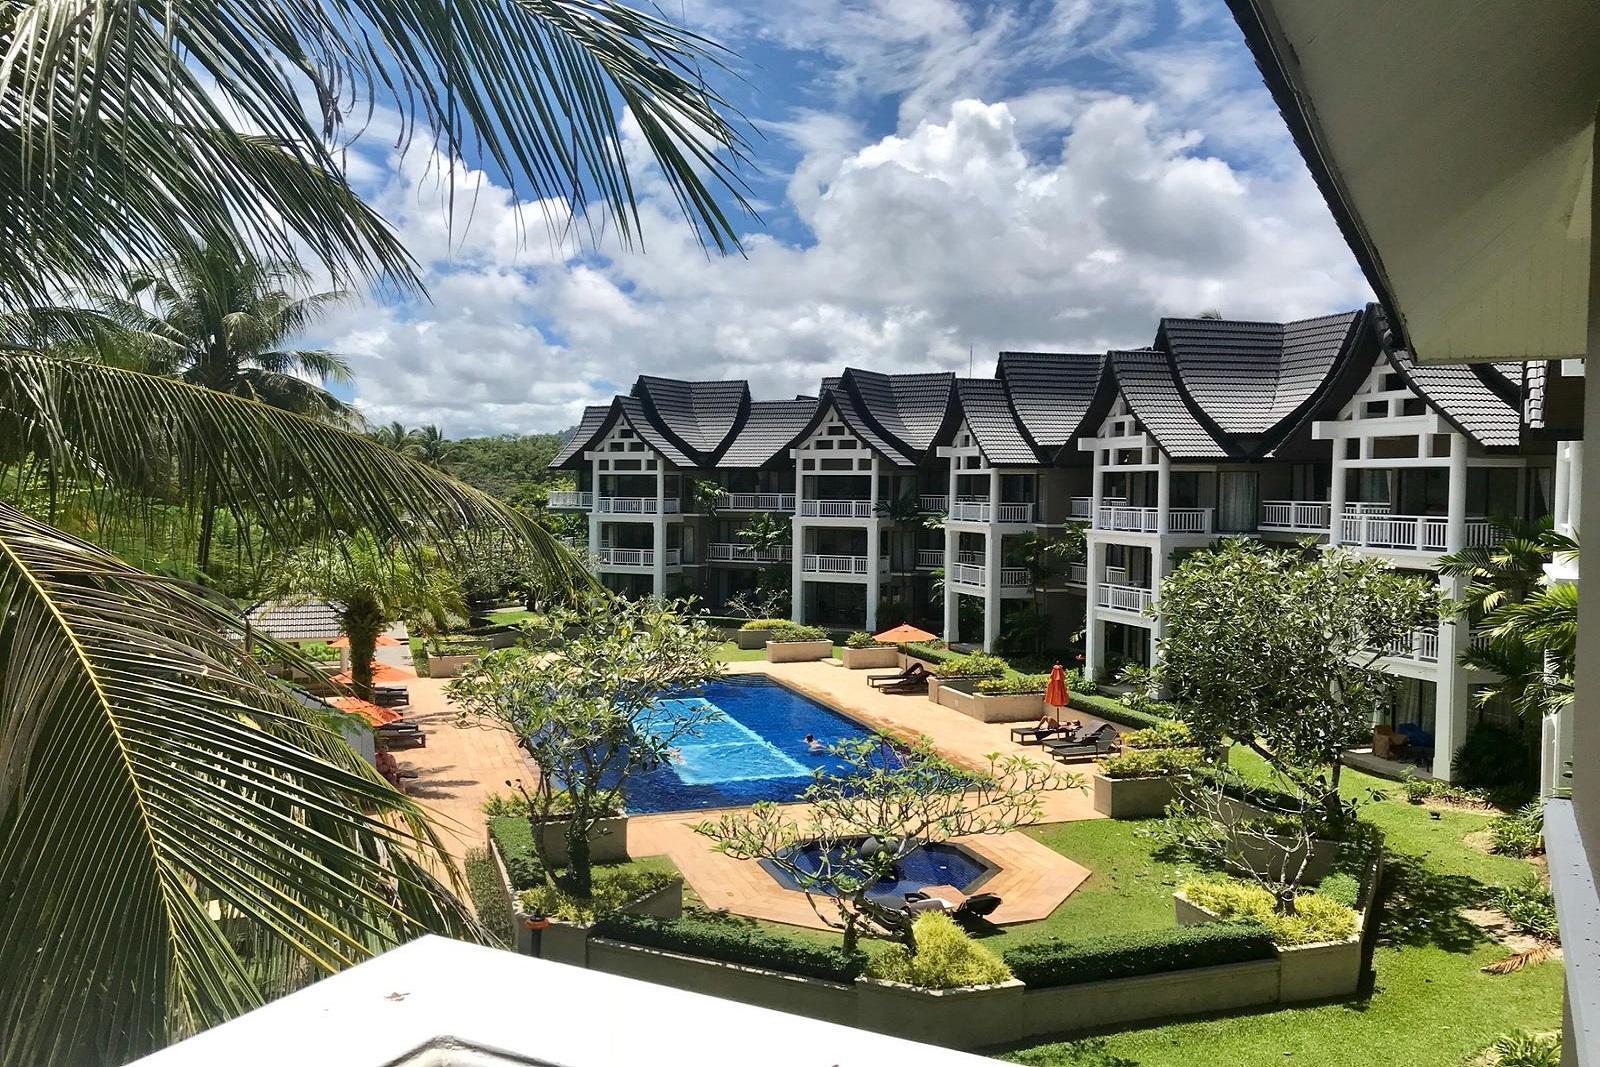 2 BDR Apartment Allamanda Phuket, Nr. 13 อพาร์ตเมนต์ 2 ห้องนอน 2 ห้องน้ำส่วนตัว ขนาด 135 ตร.ม. – บางเทา